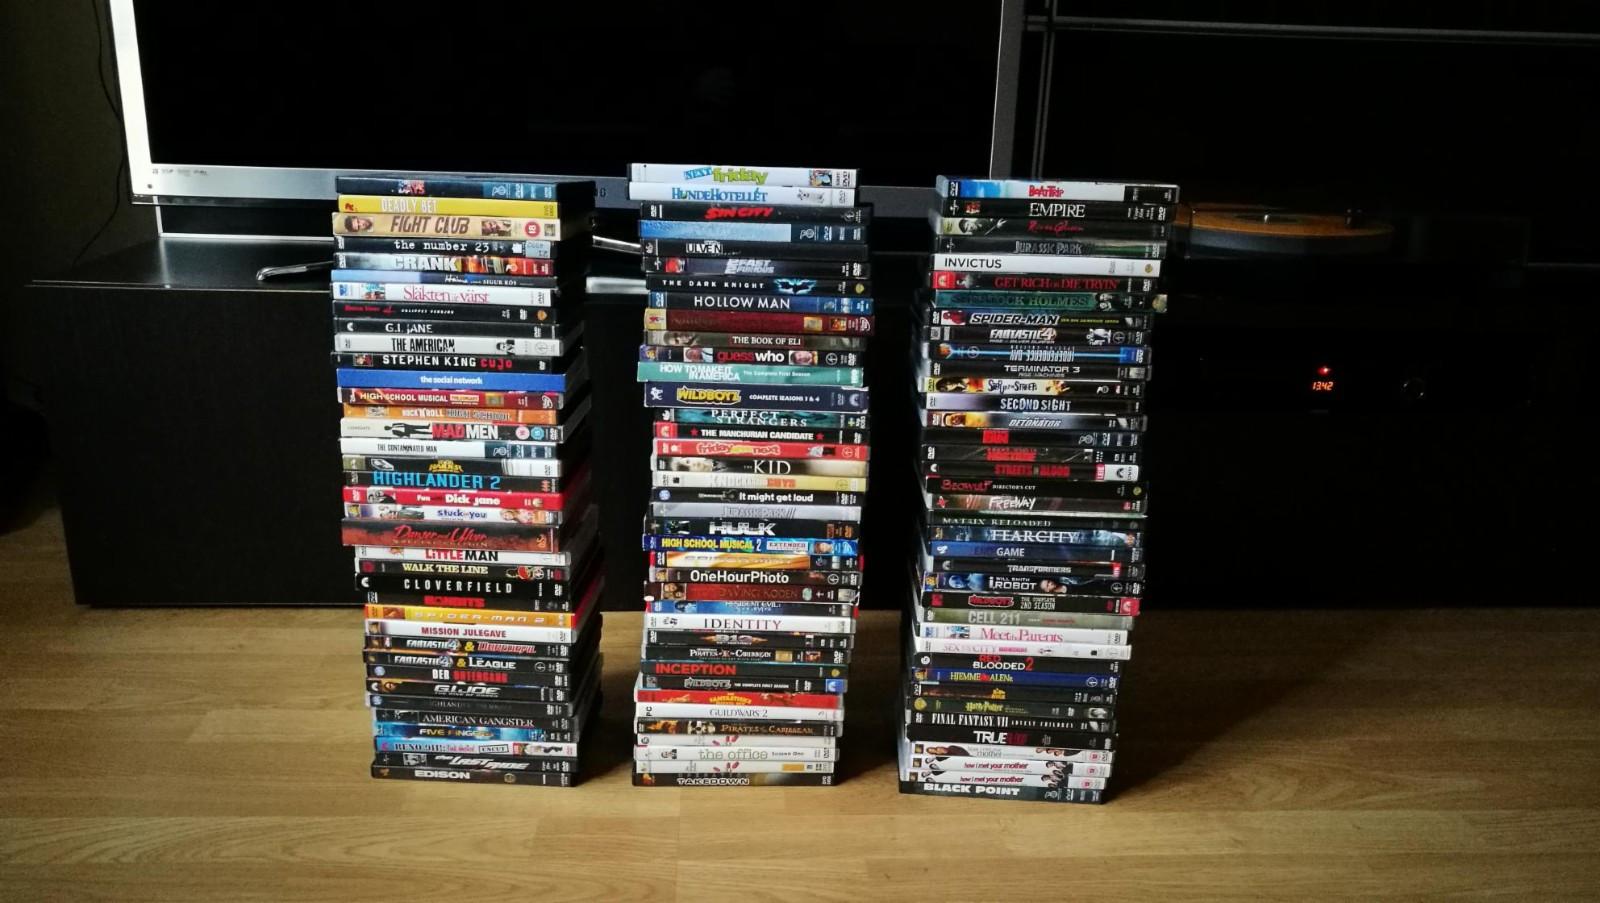 113 DVDer til snaue 4,5 stk. - Oslo  - Kvitter meg med 113 DVD filmer for å få mer plass. Noen få filmer har Svensk cover. Orker ikke å skrive tittel på alle filmene, men det er bilde av alle, så ta en titt